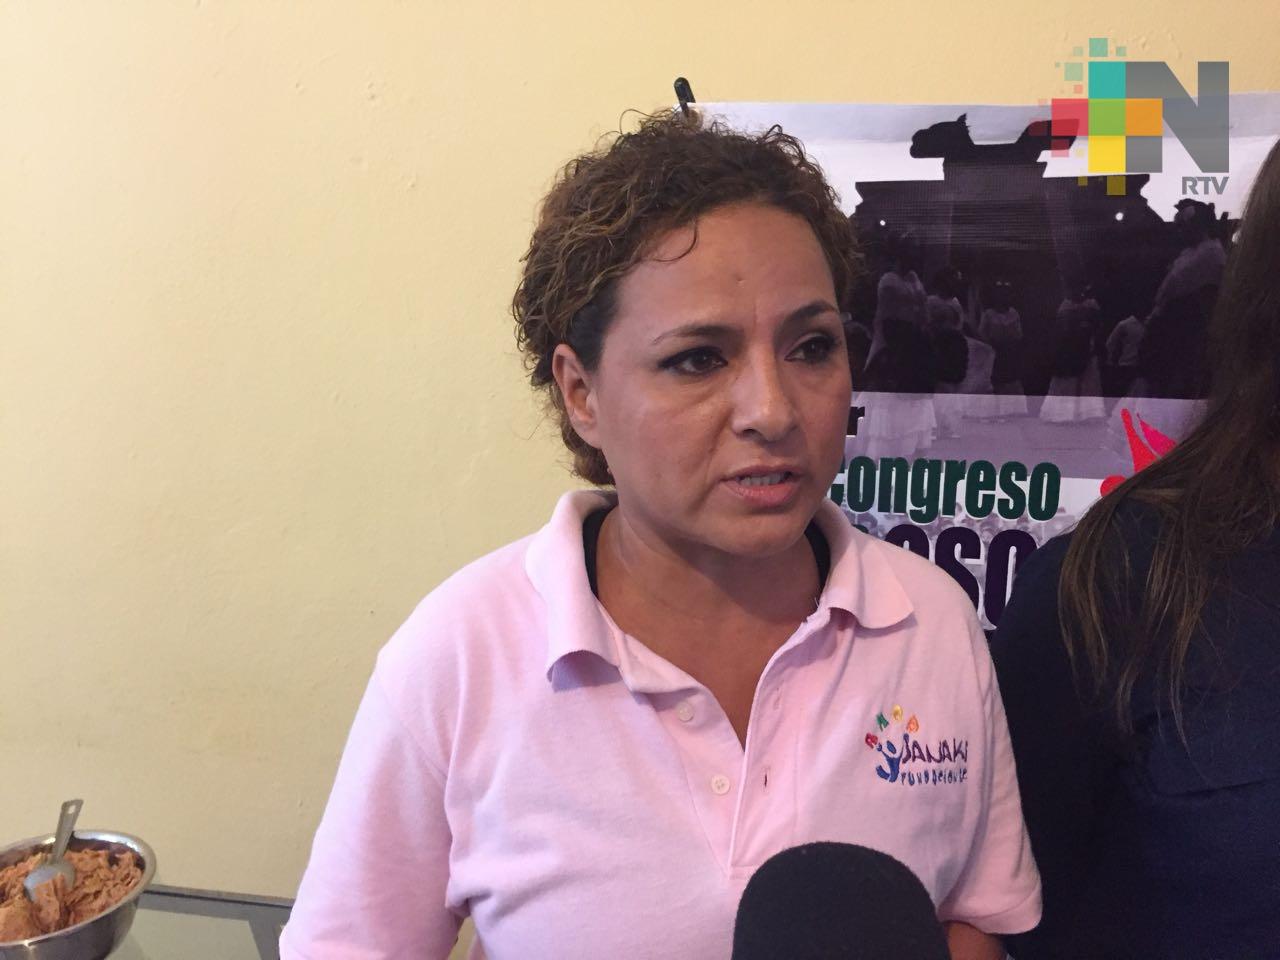 Fundación Janaki pide ayuda para adultos mayores abandonados de Coatzacoalcos